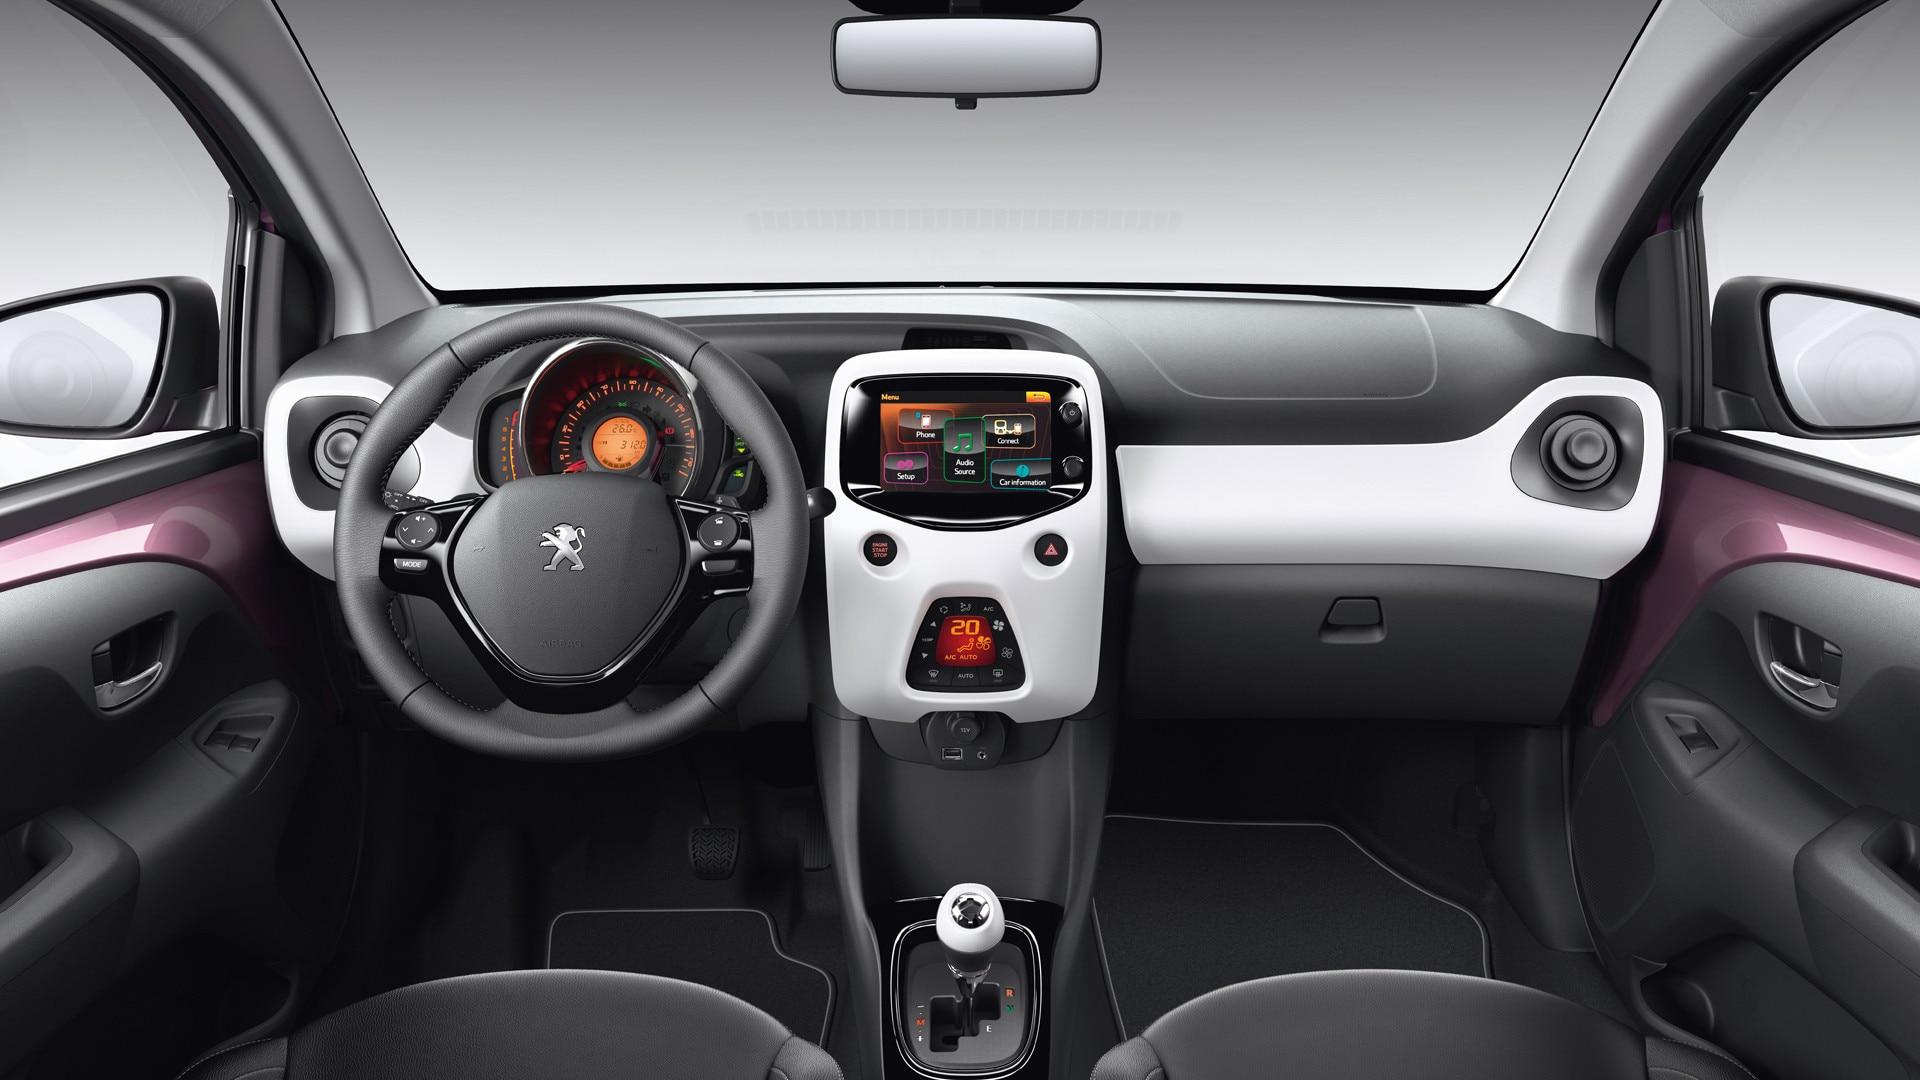 Peugeot 108 la citadine personnalisable et connect e for Peugeot 907 interieur